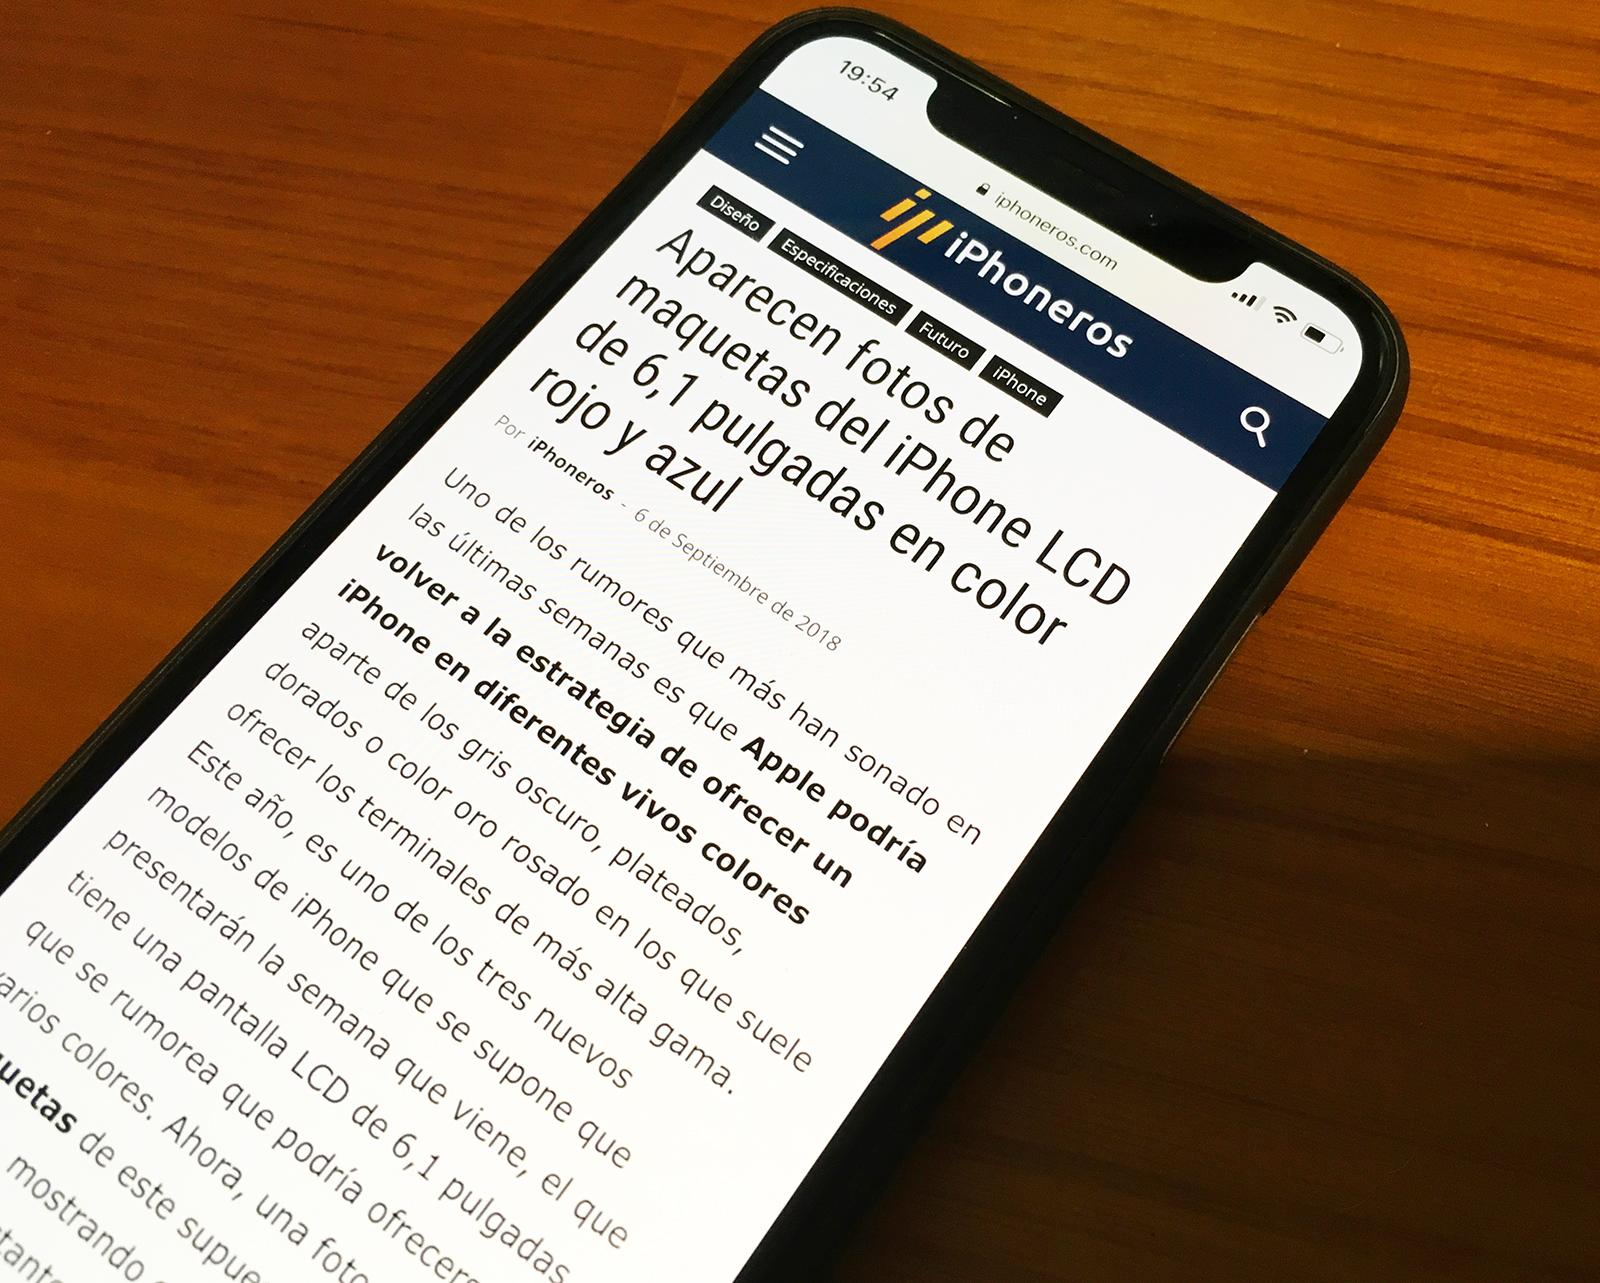 Nuevo diseño de iPhoneros en el iPhone X